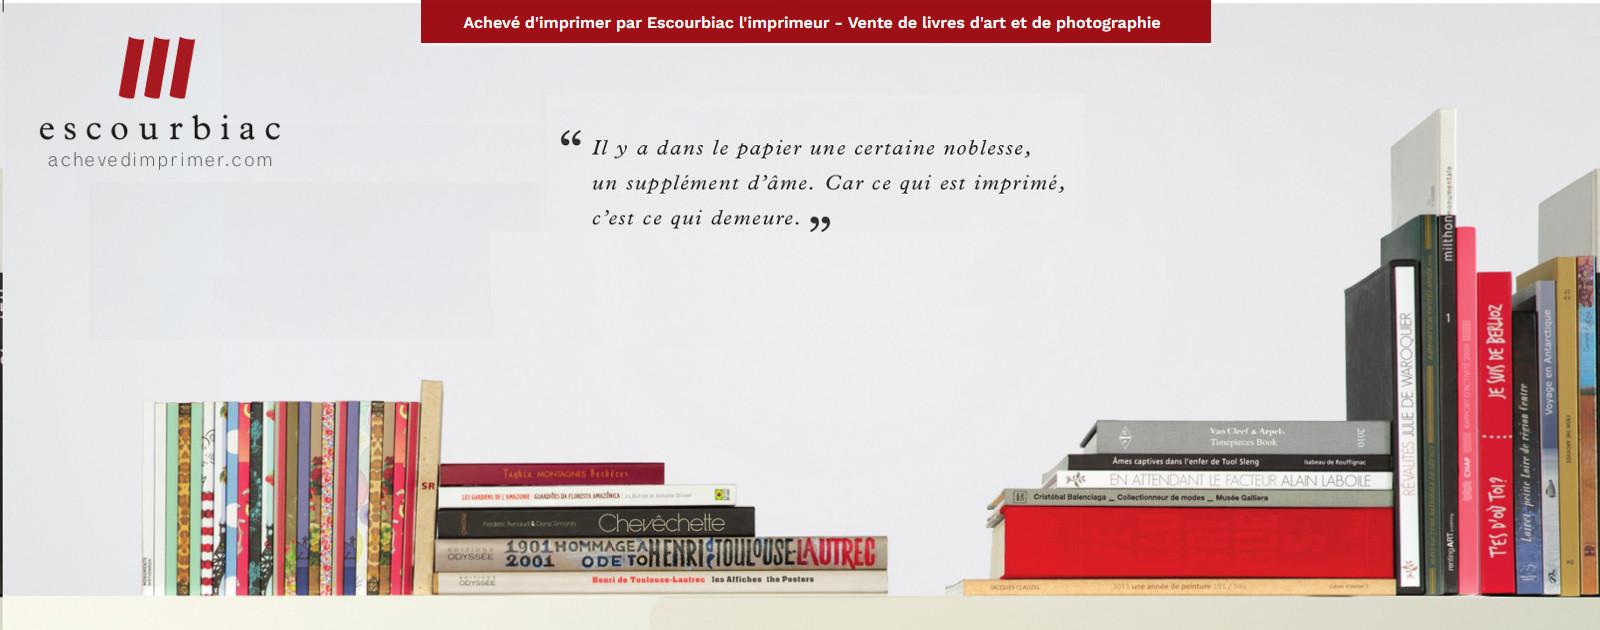 <a href='http://www.netalinea.fr/premiere/achevedimprimer/'></a>